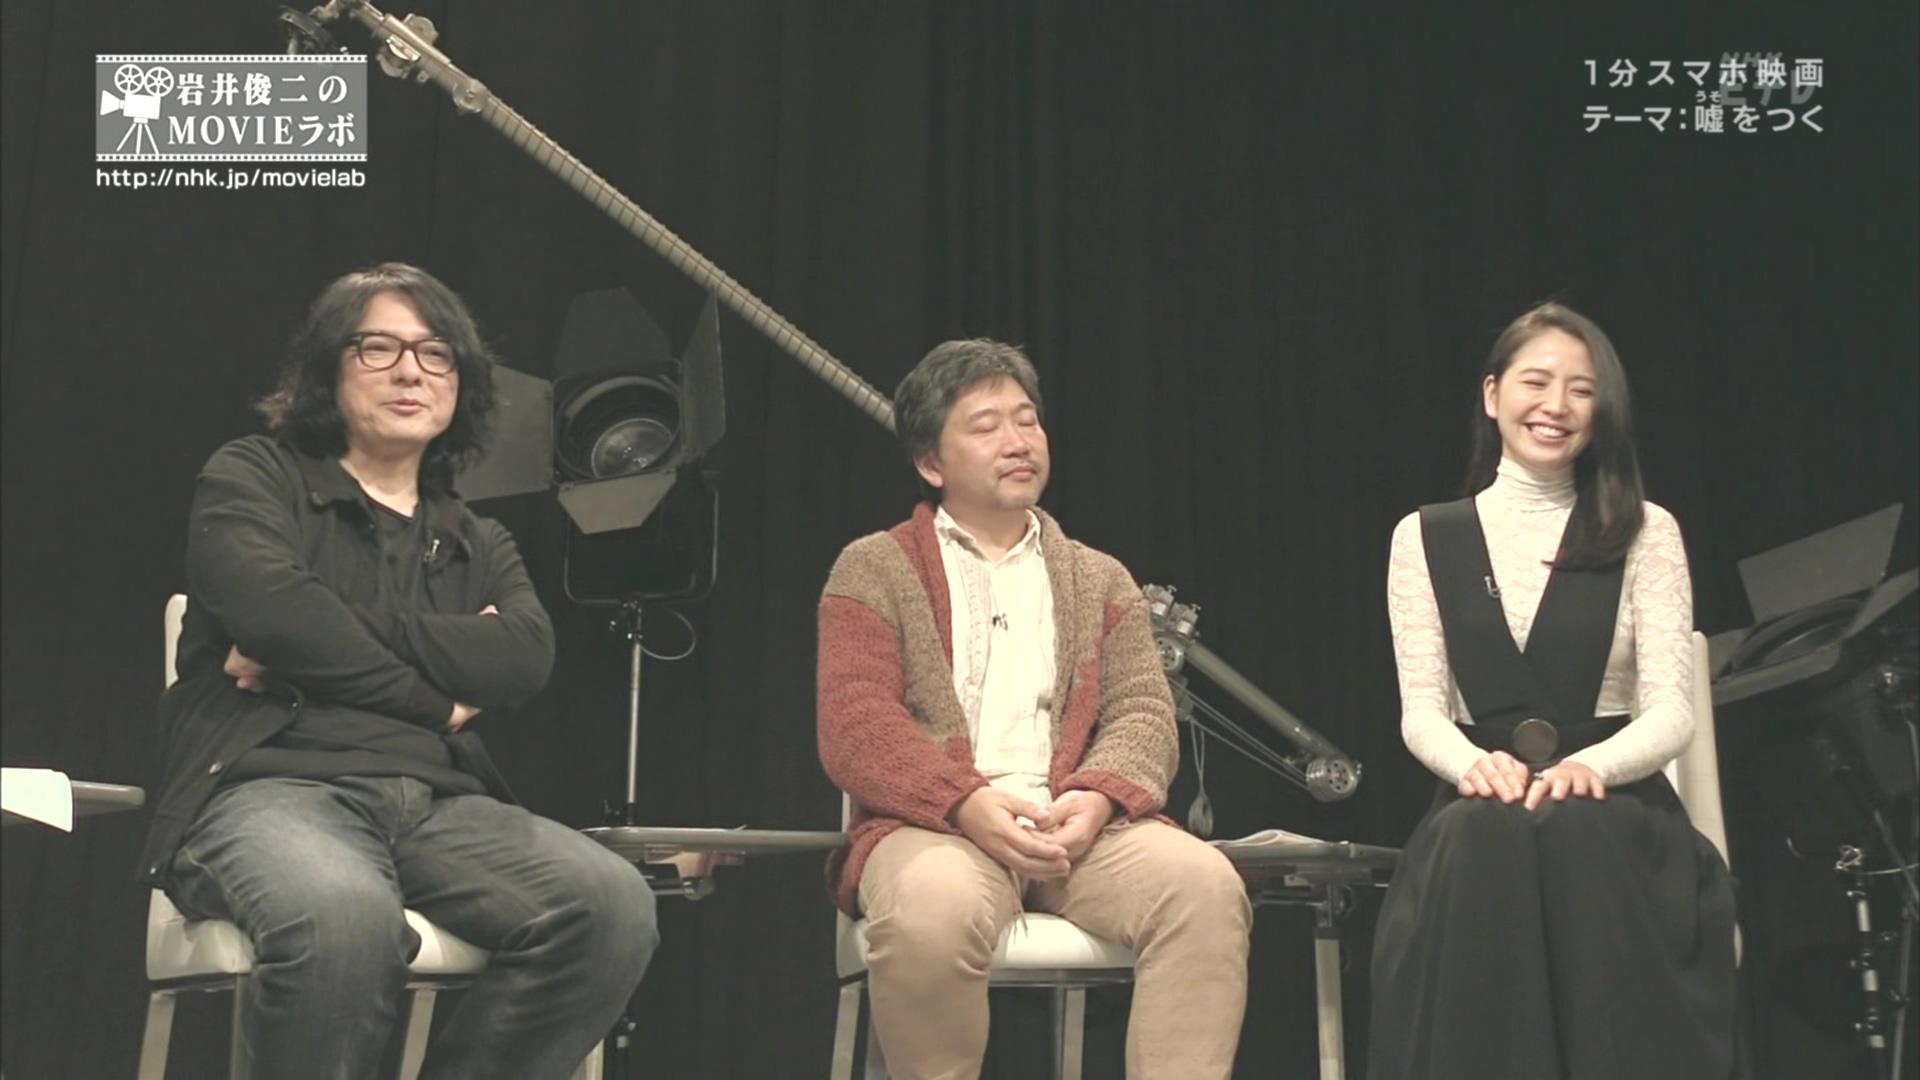 nagasawamovie416